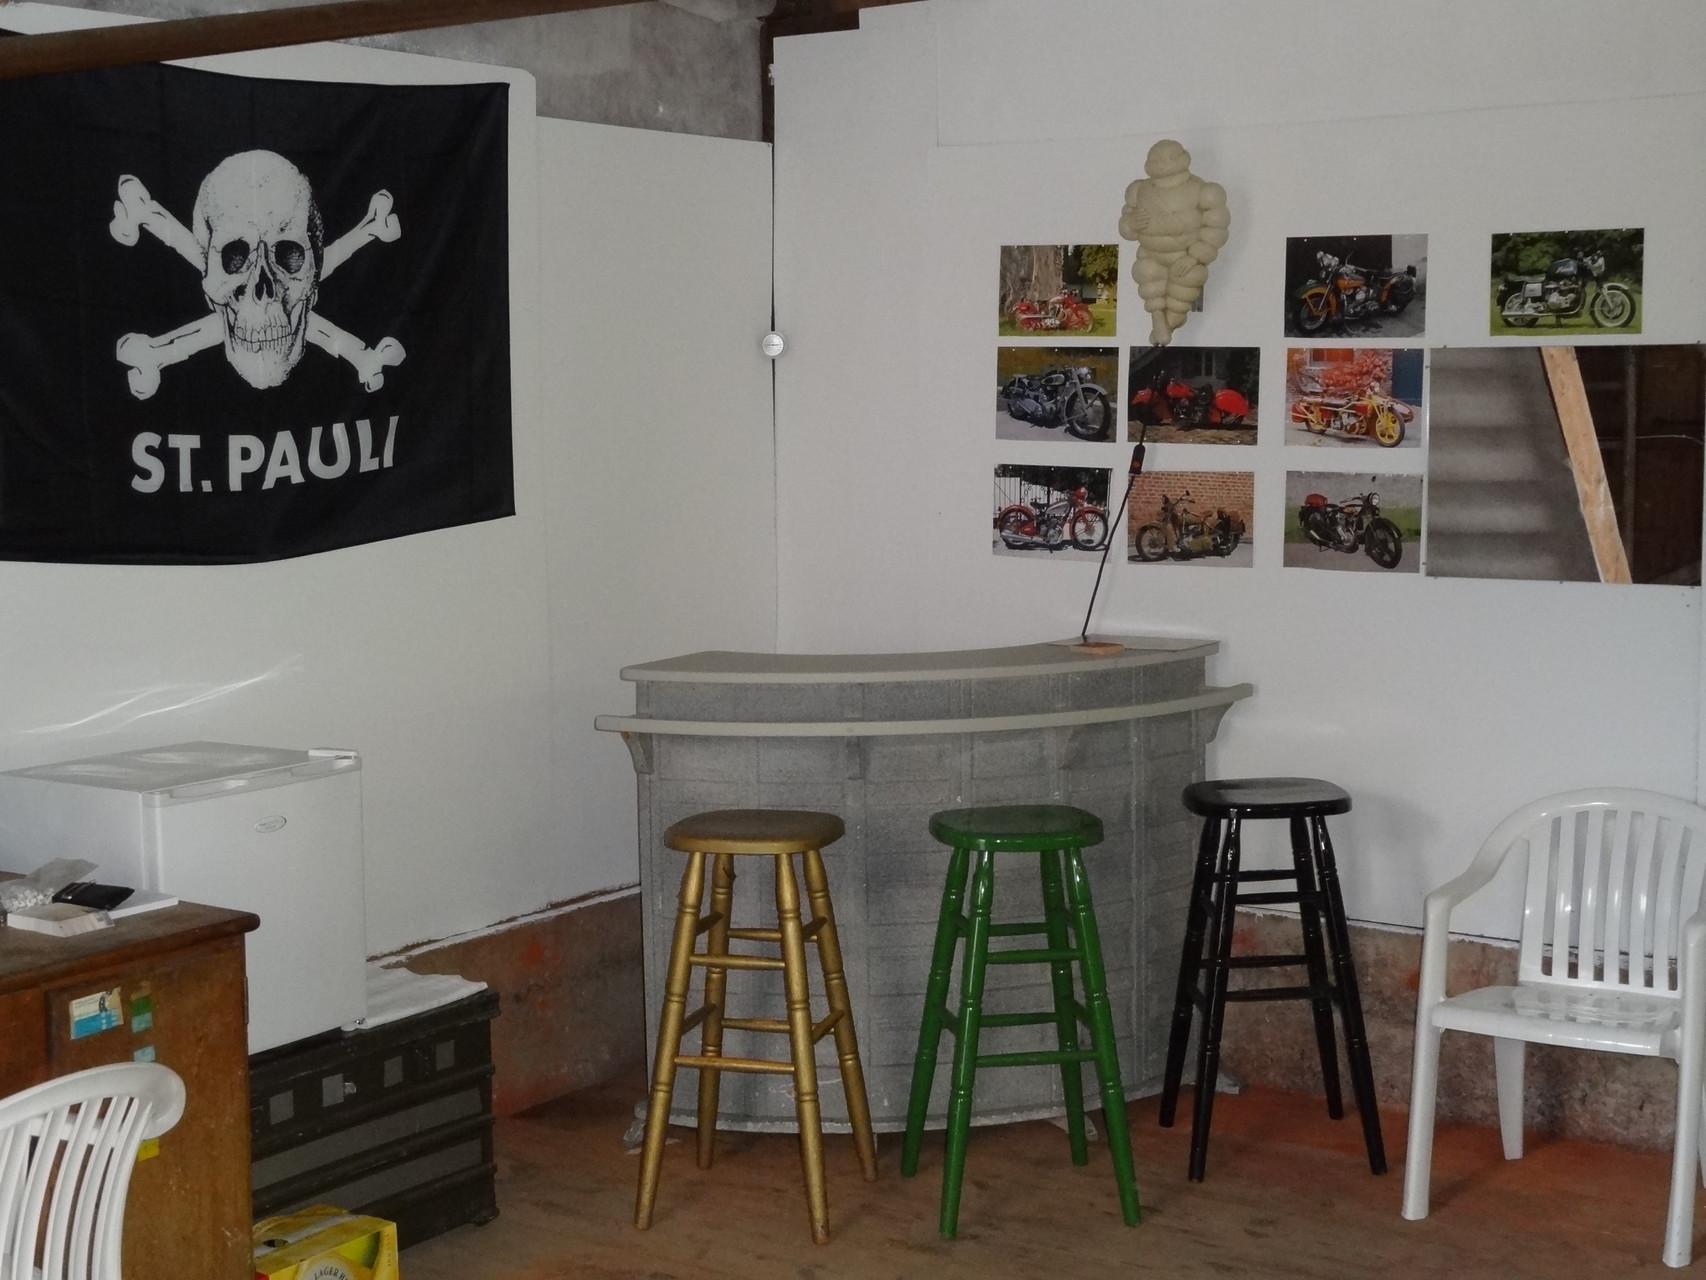 Bezug und Einrichten der neuen Werkstatt. Mit Werkstattbar